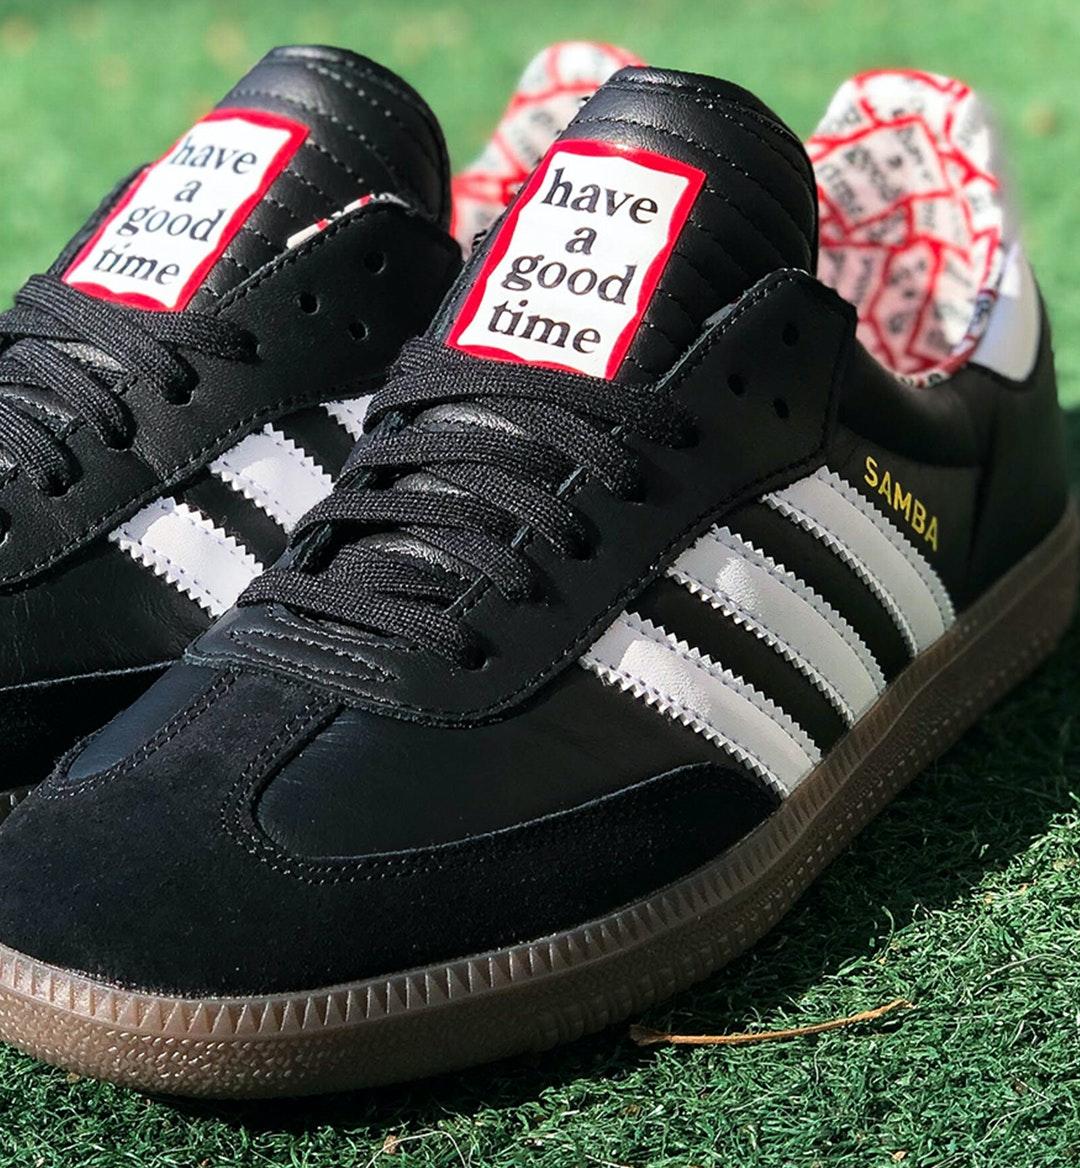 Adidas Originals Samba mobile